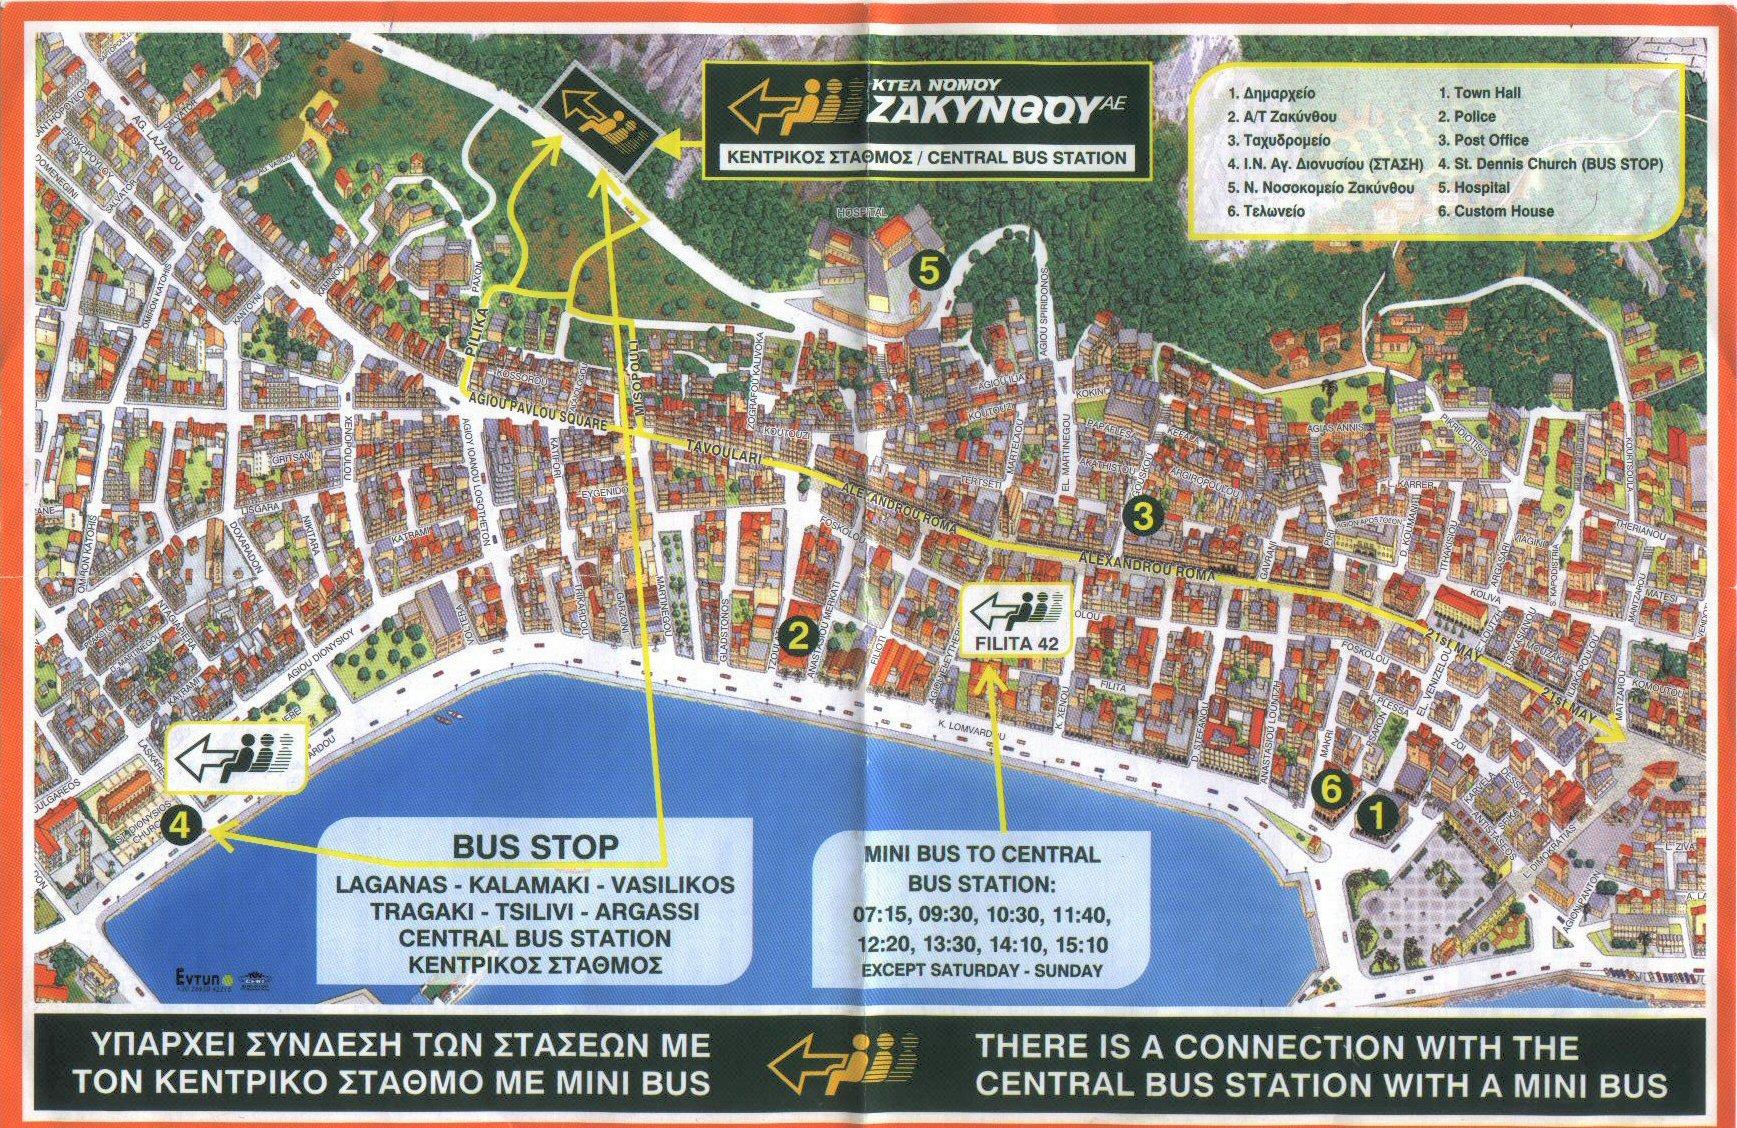 Zakynthos City Tourist Map Zakynthos City mappery